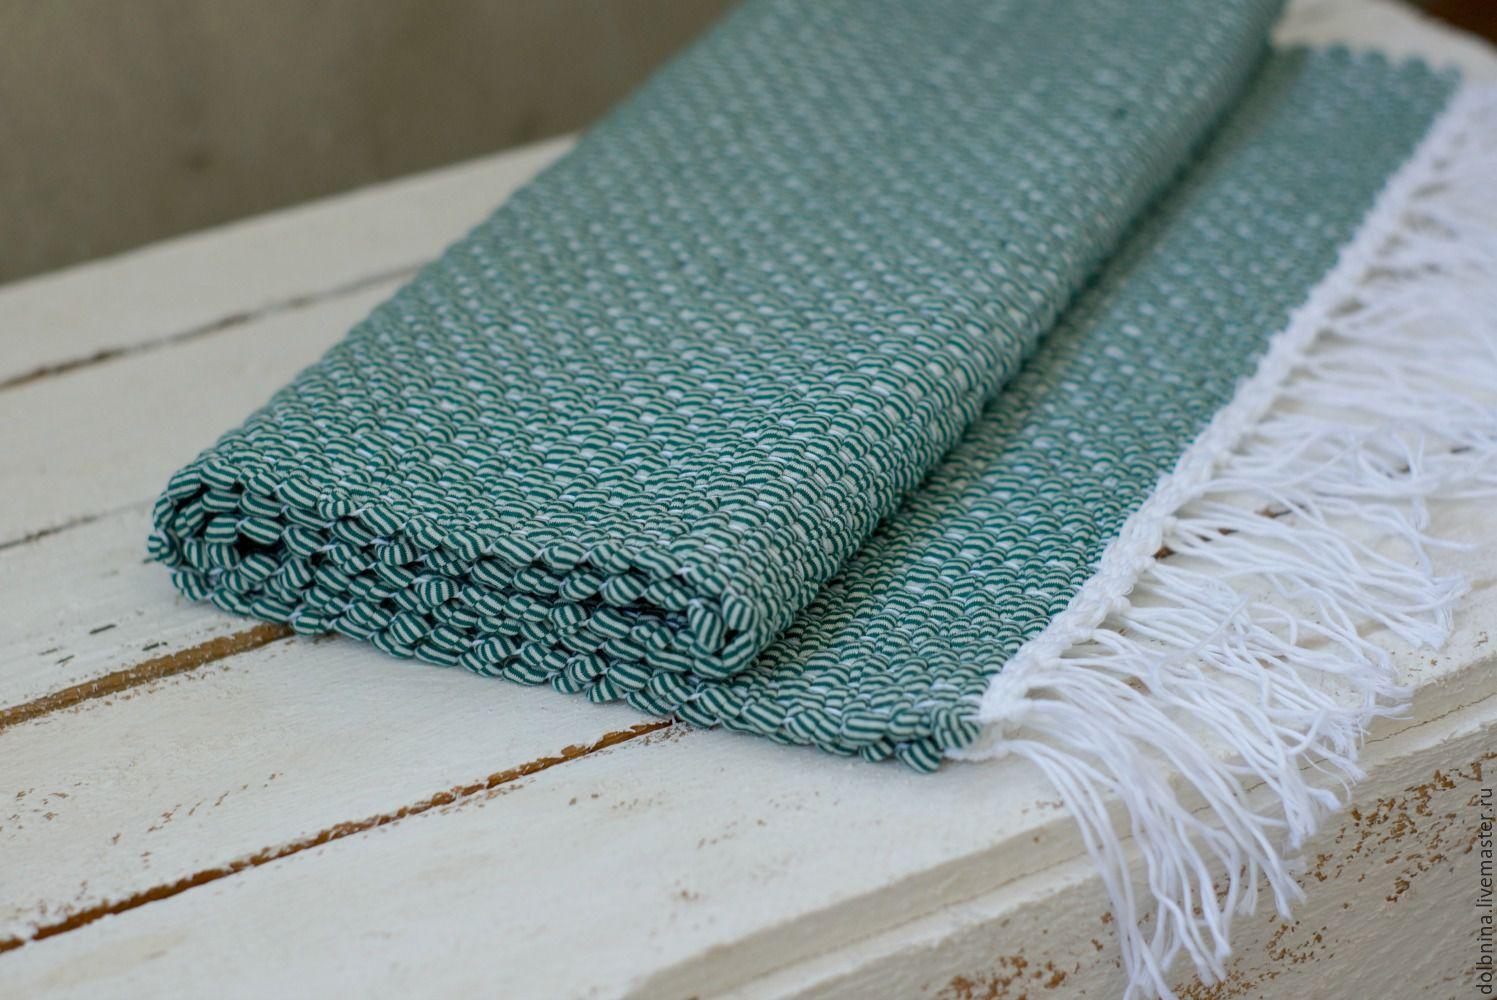 Домотканый коврик своими руками мастер класс фото 10